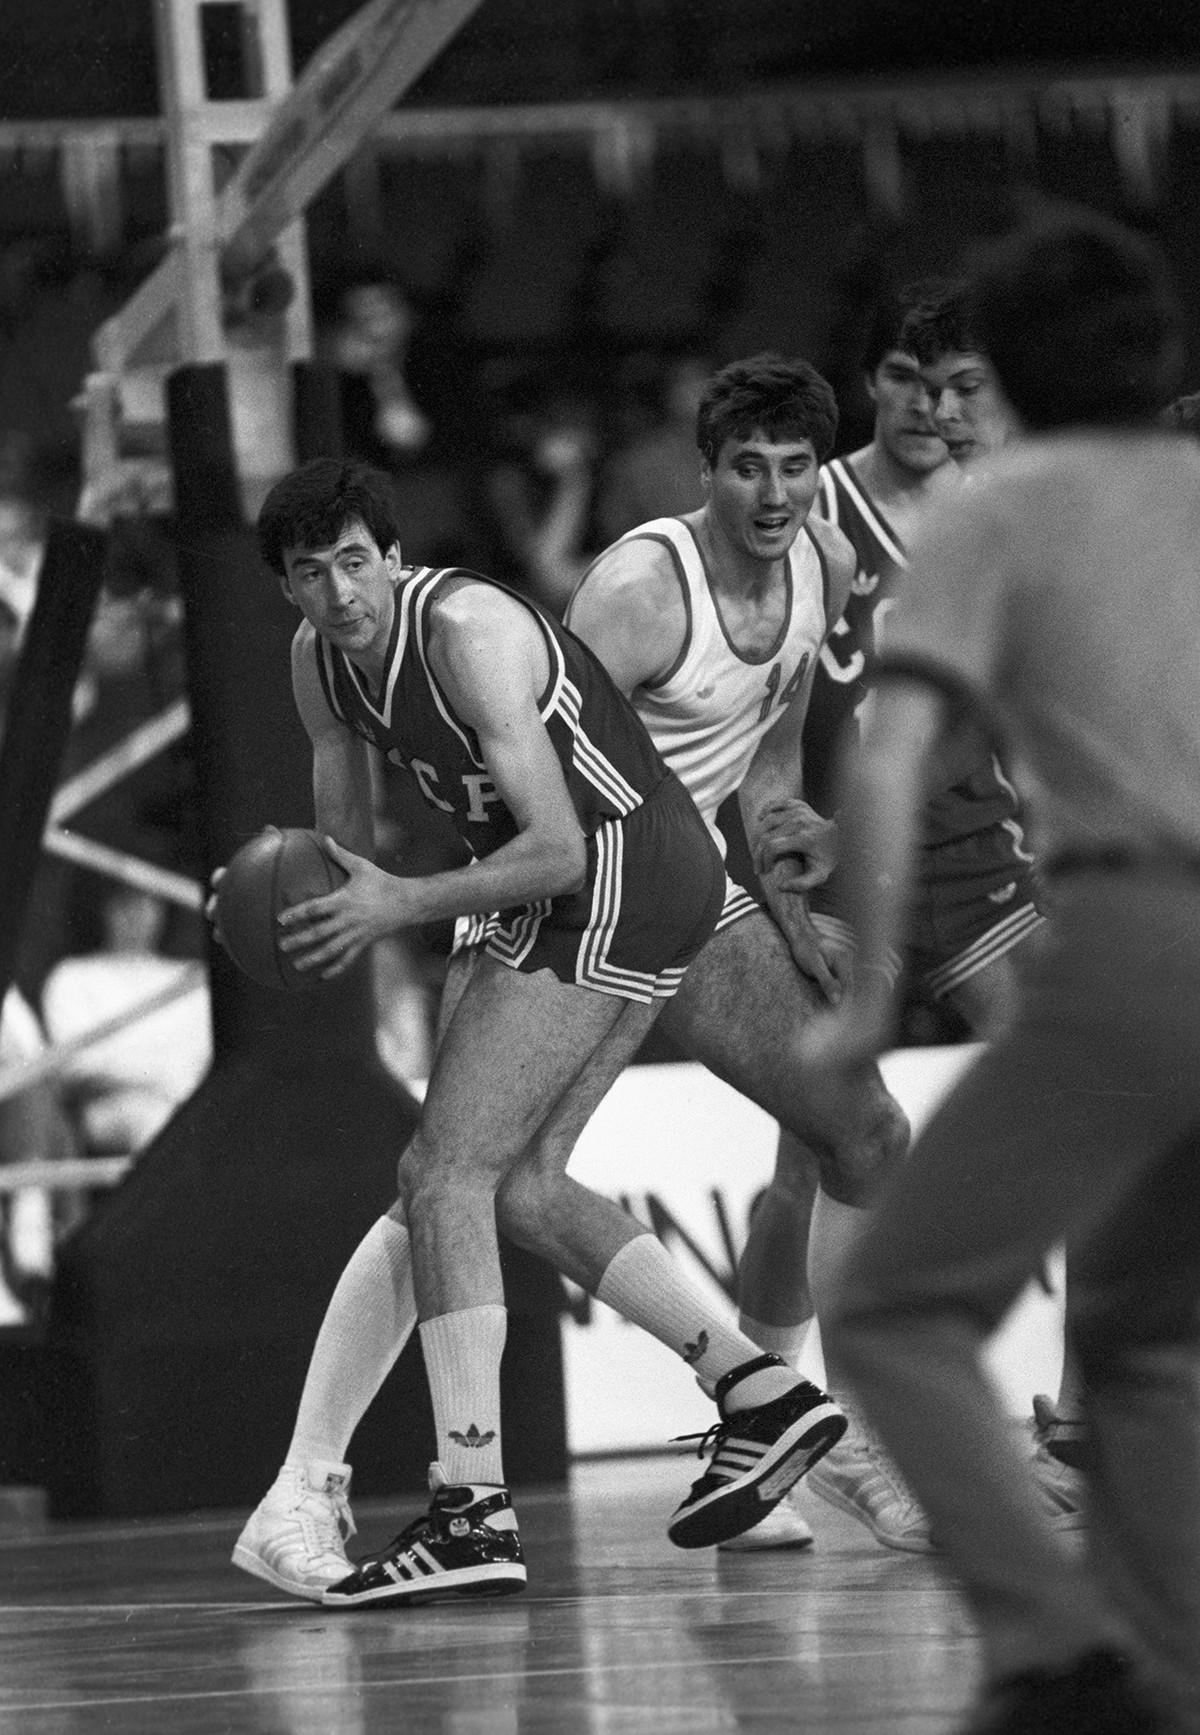 Il campione olimpico sovietico Sergej Tarakanov durante il campionato europeo di basket del 1985